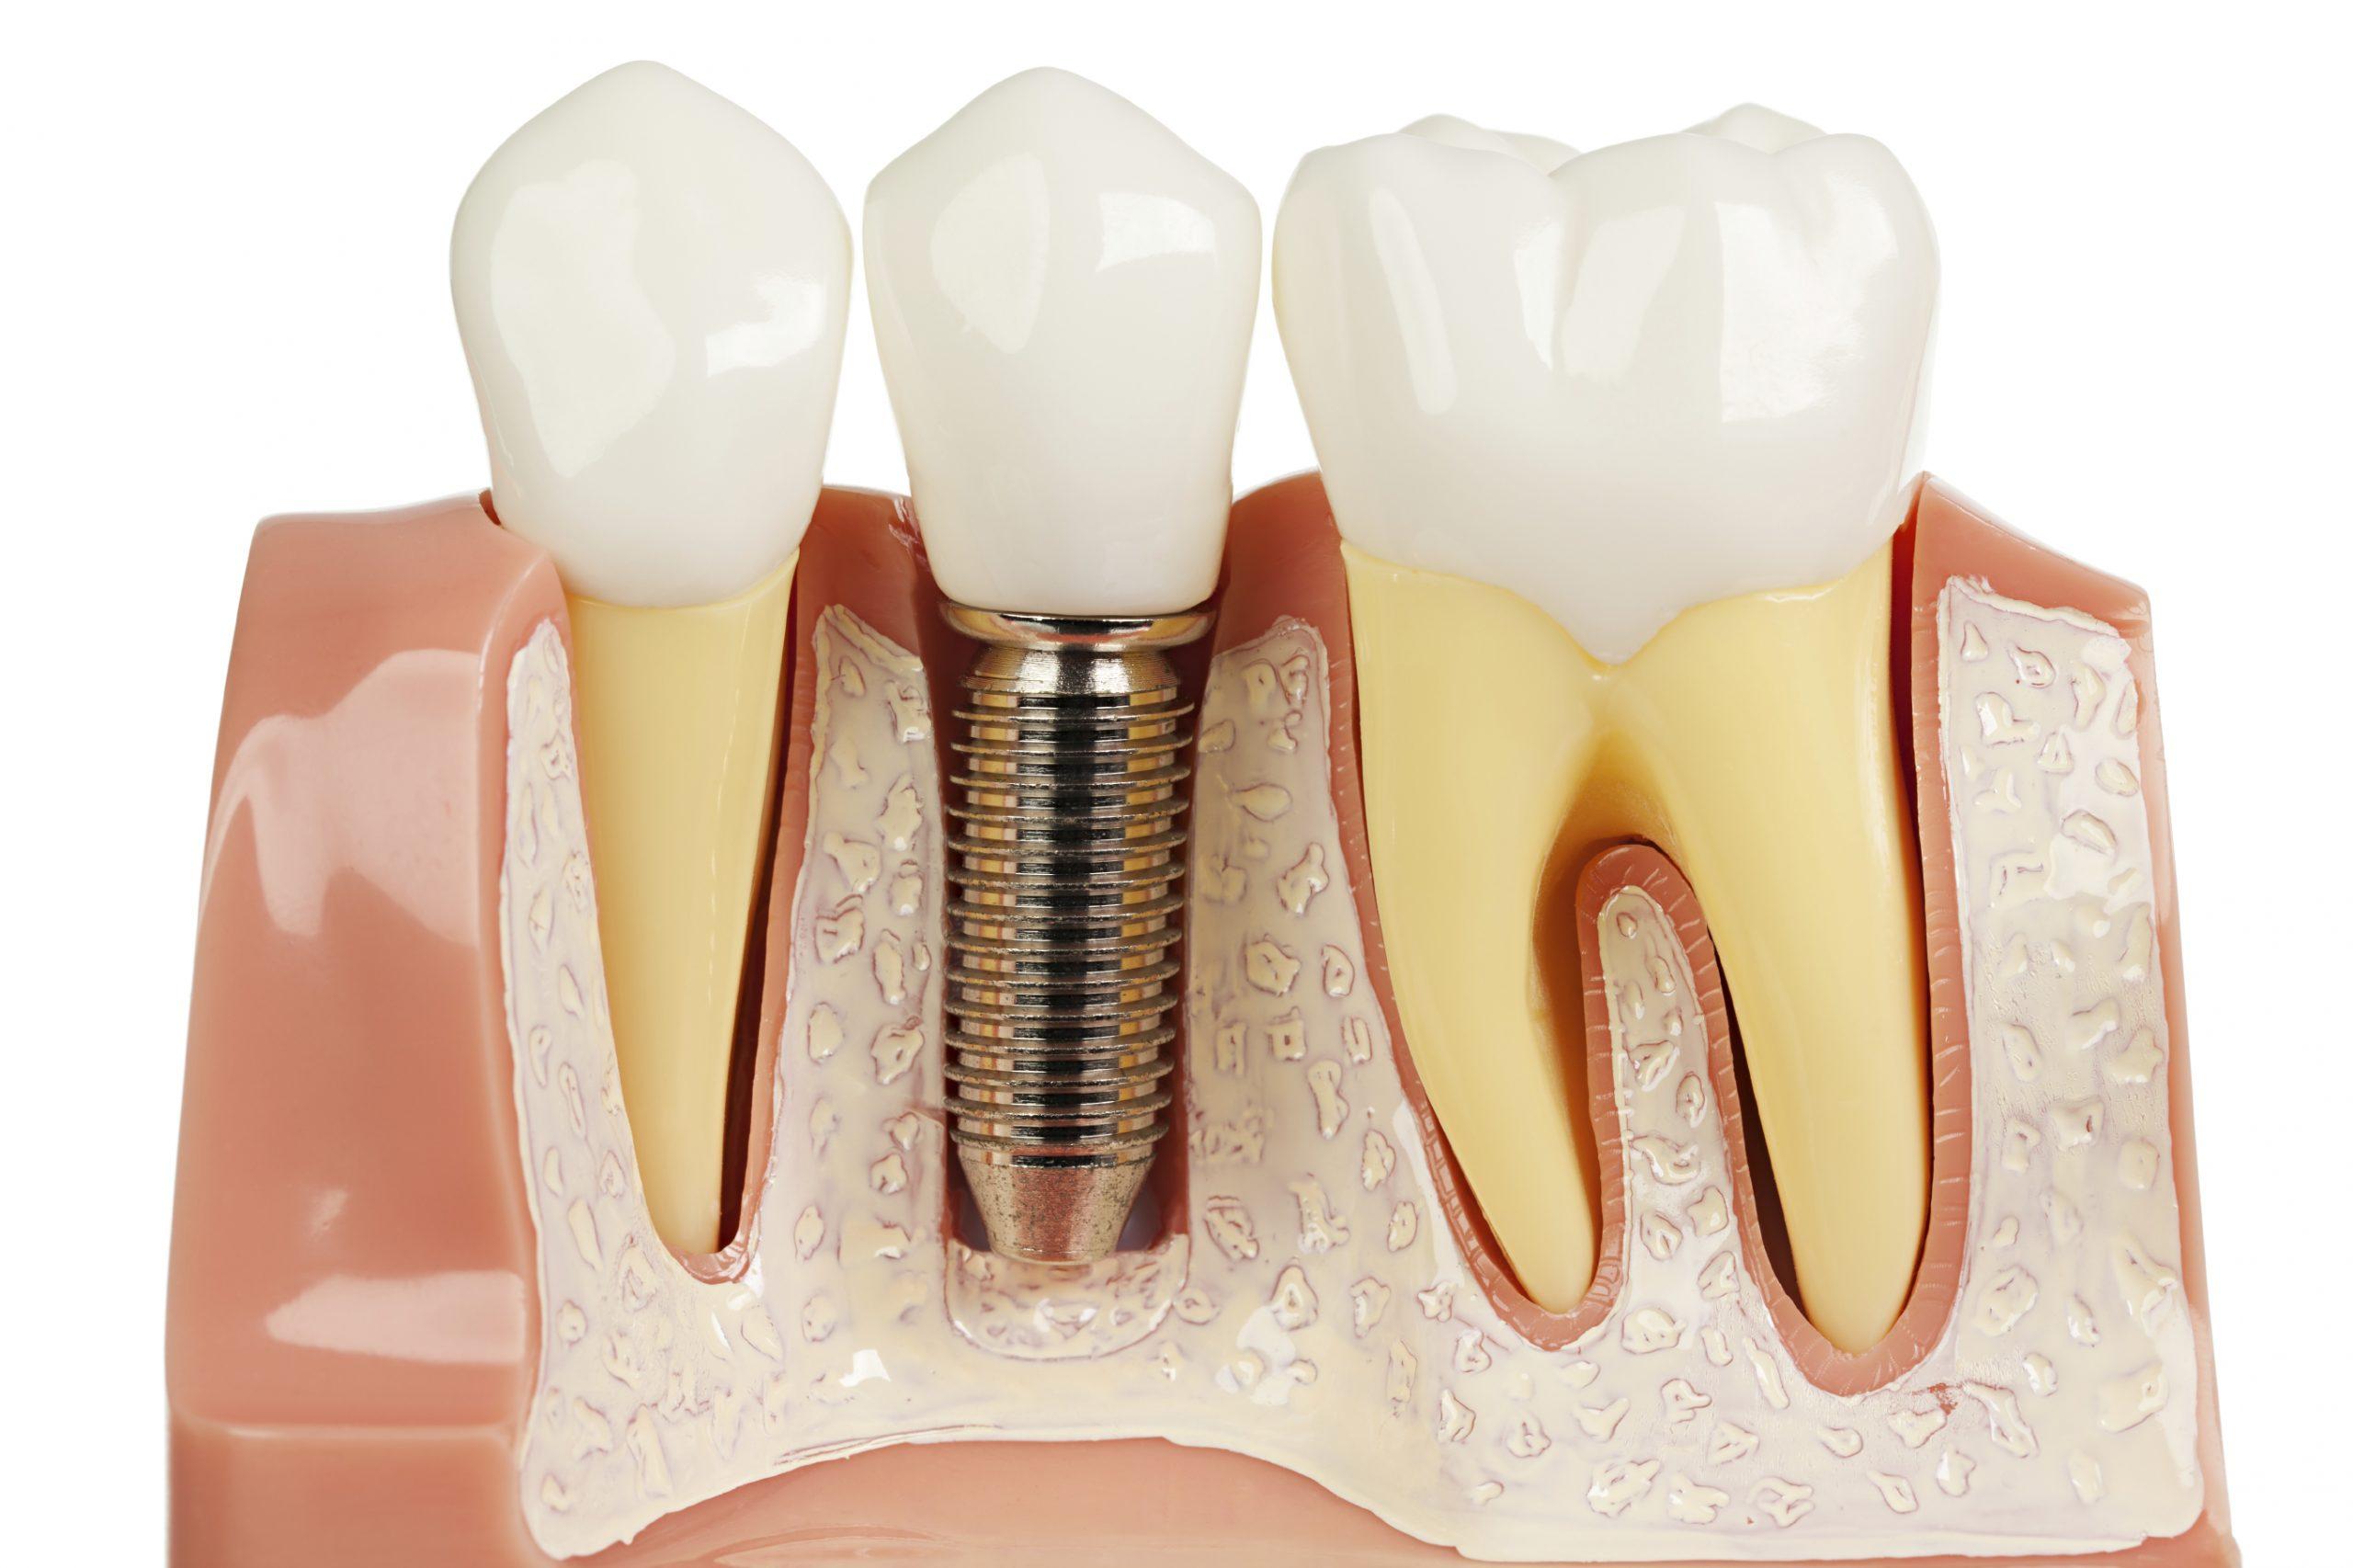 زراعة الأسنان التعريف الدواعي المميزات الانواع المخاطر